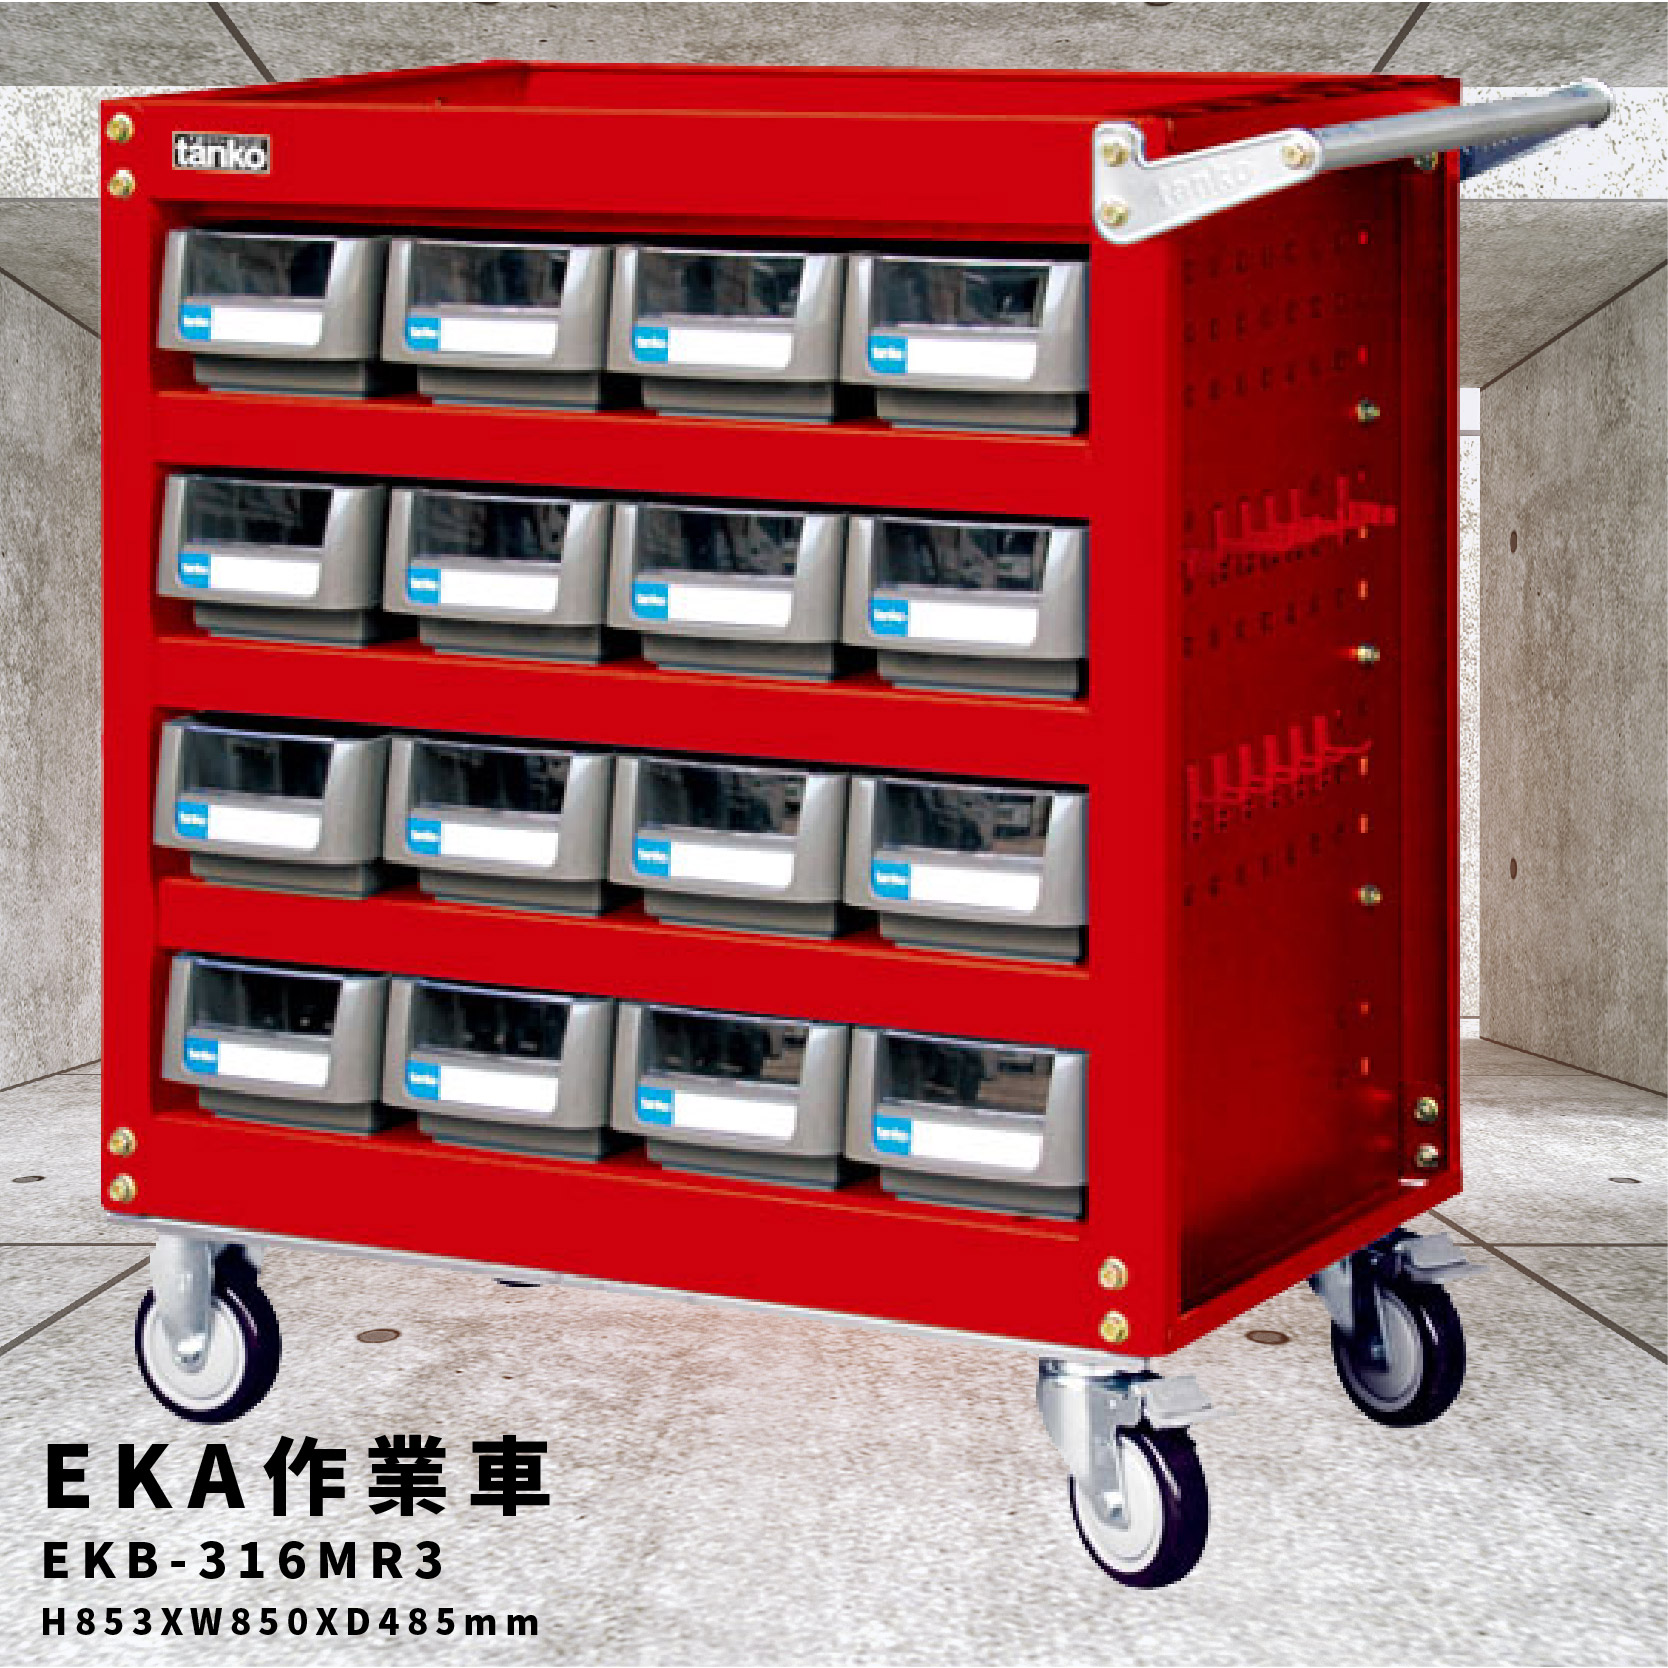 EKB-316MR3《EKB作業車》紅色 工具車 手推車 保養廠 工廠 車廠 汽車維修廠 含掛鉤一組(12pcs)